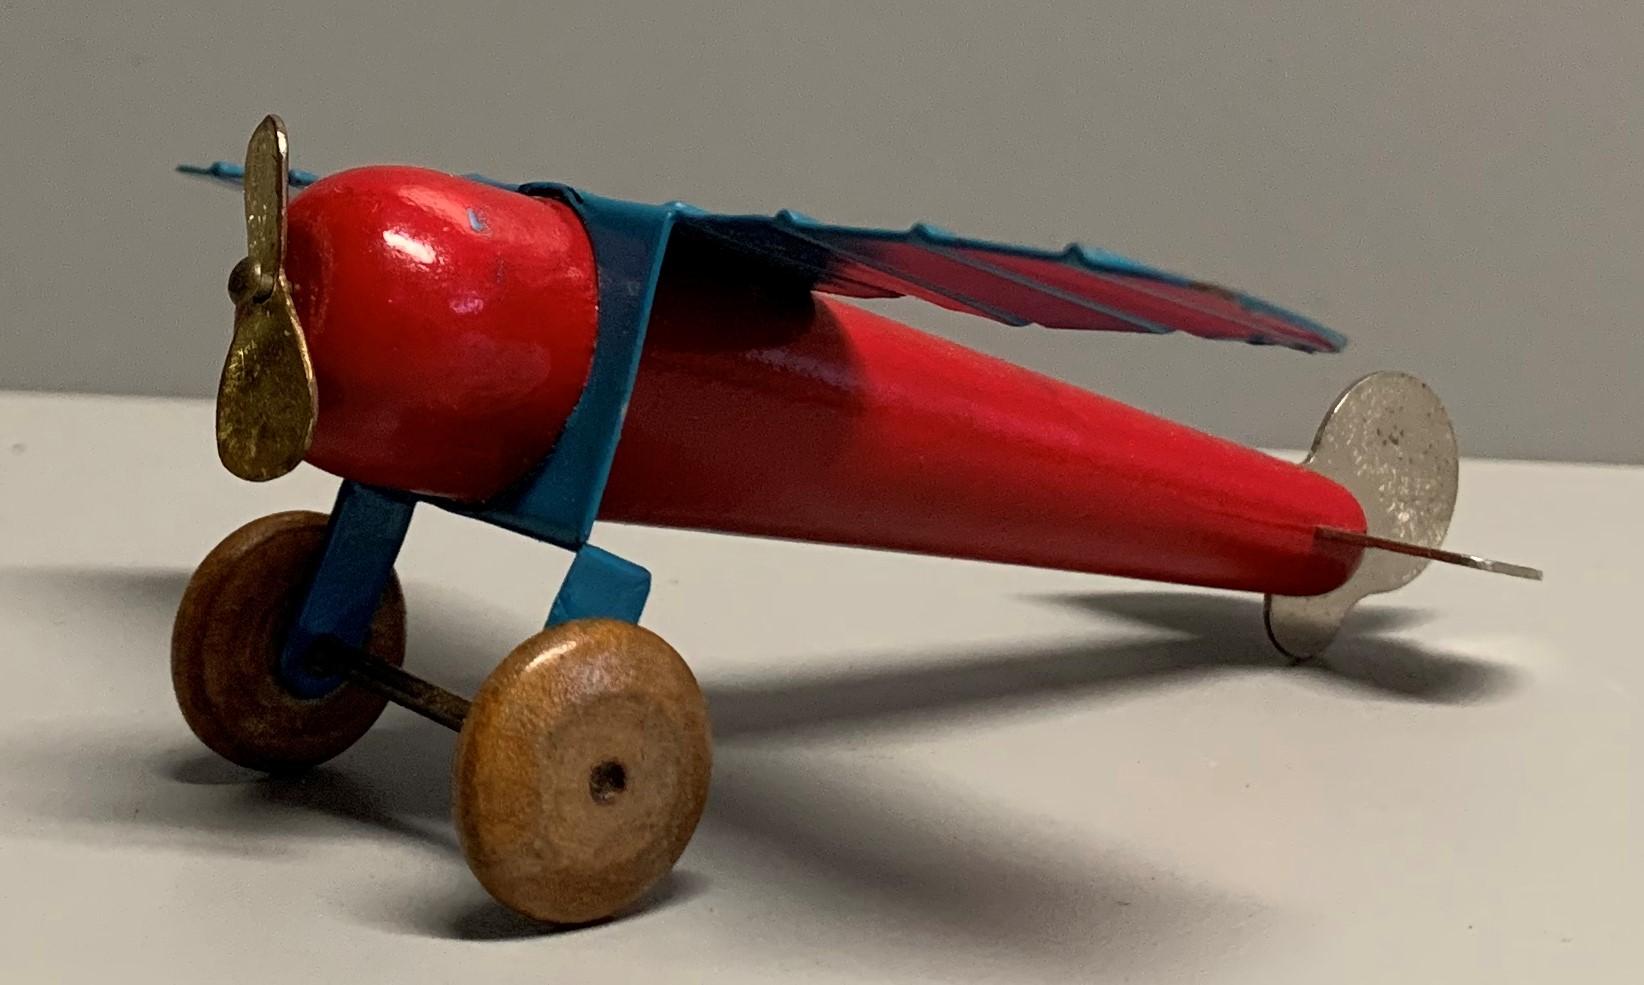 Strombecker Airplane